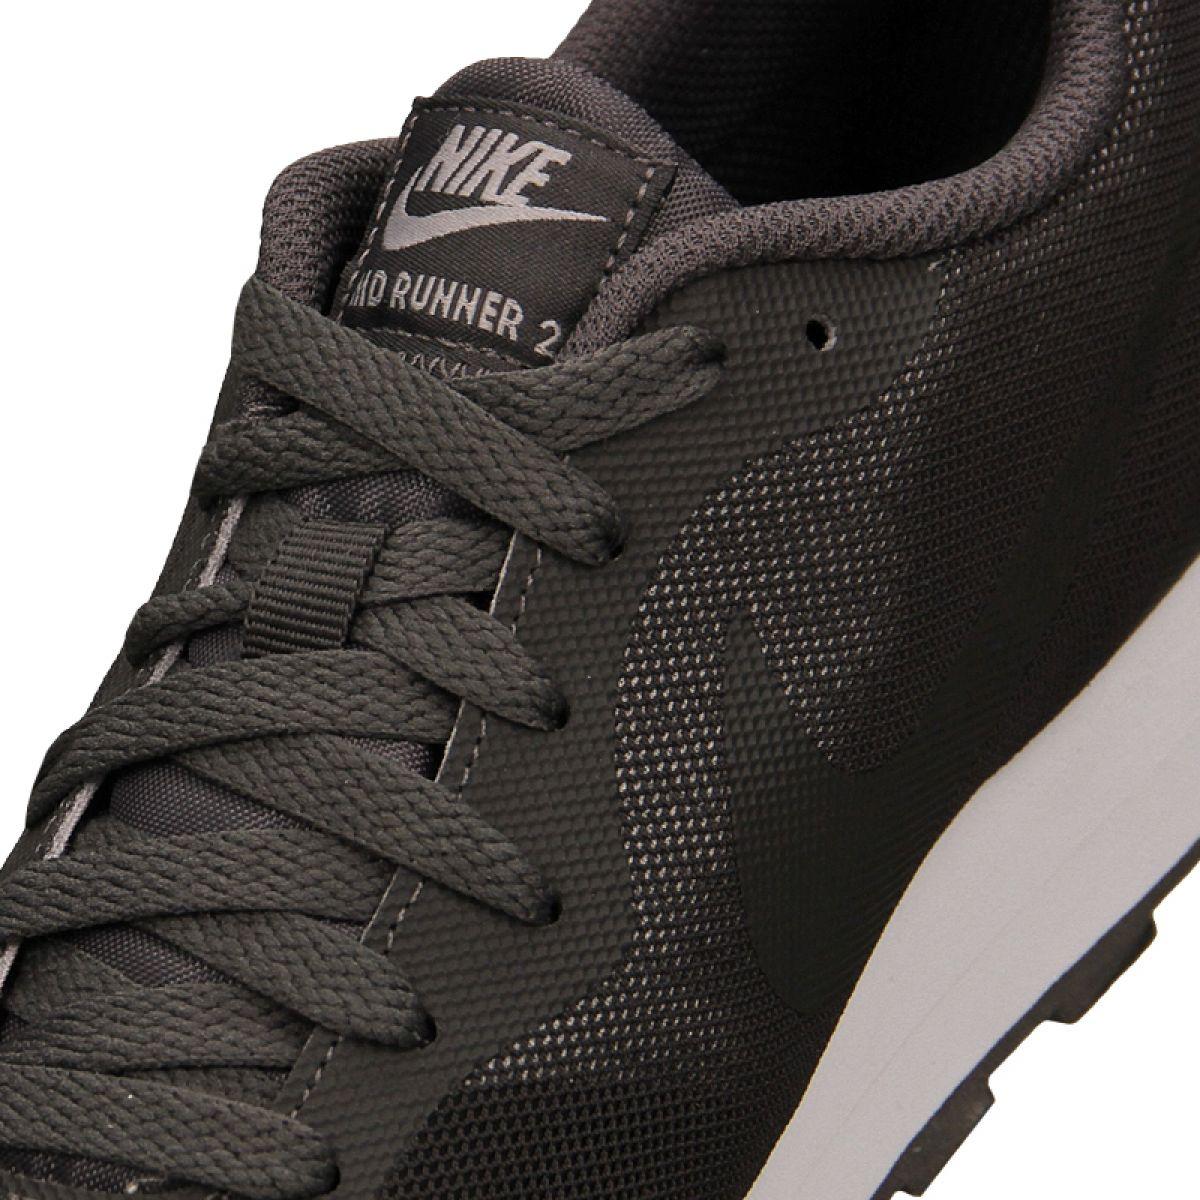 Nike Md Runner 2 skor 19 M AO0265 300 grön